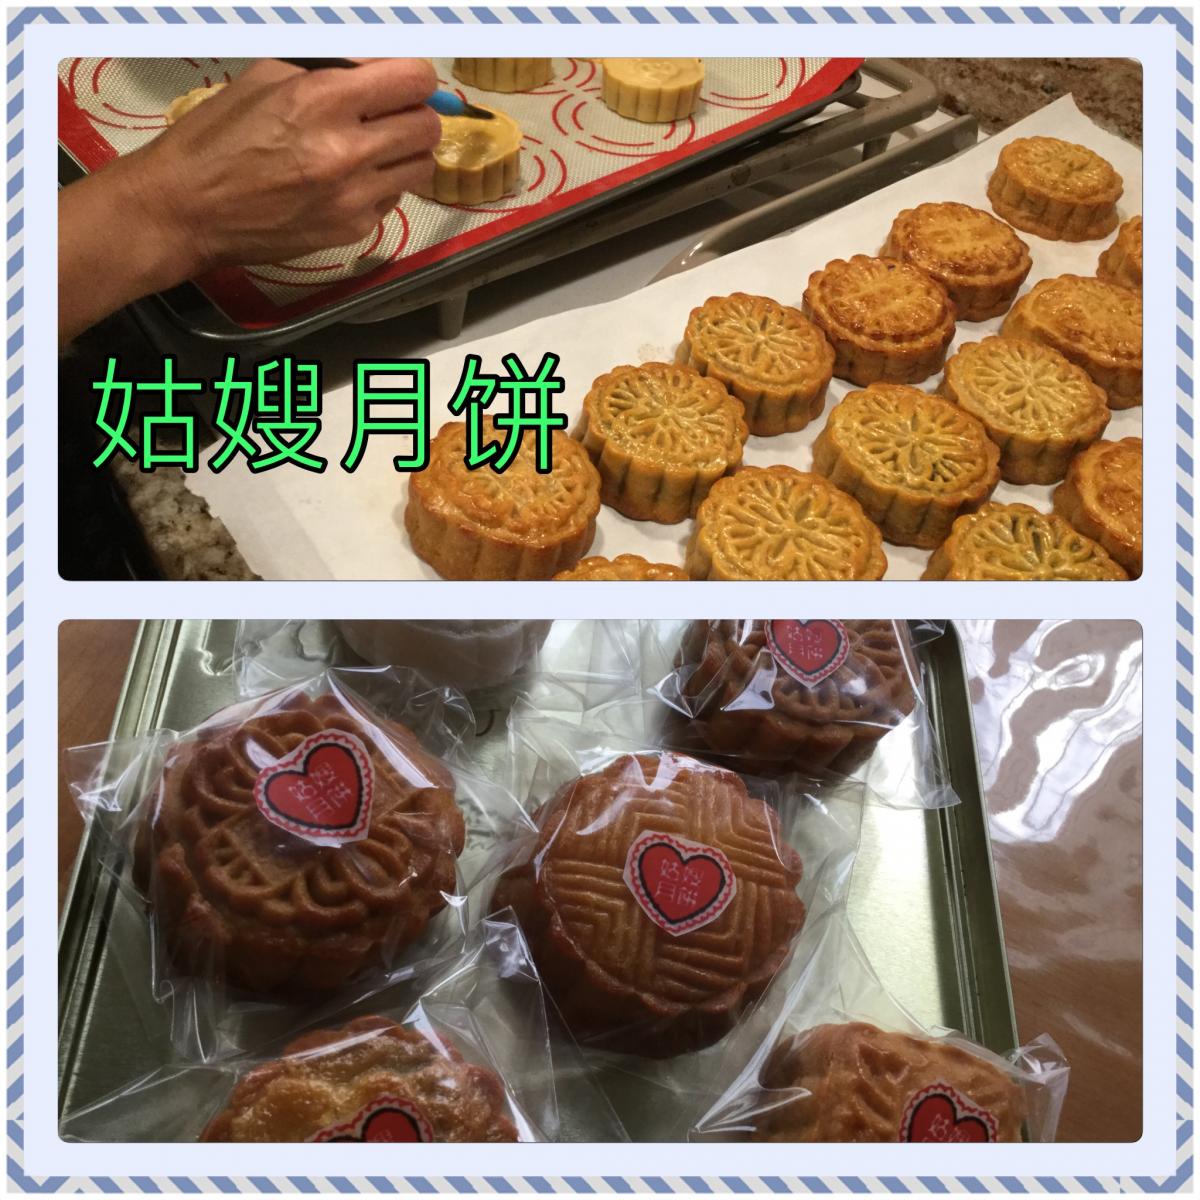 《心芽》美食贺新春_图1-4